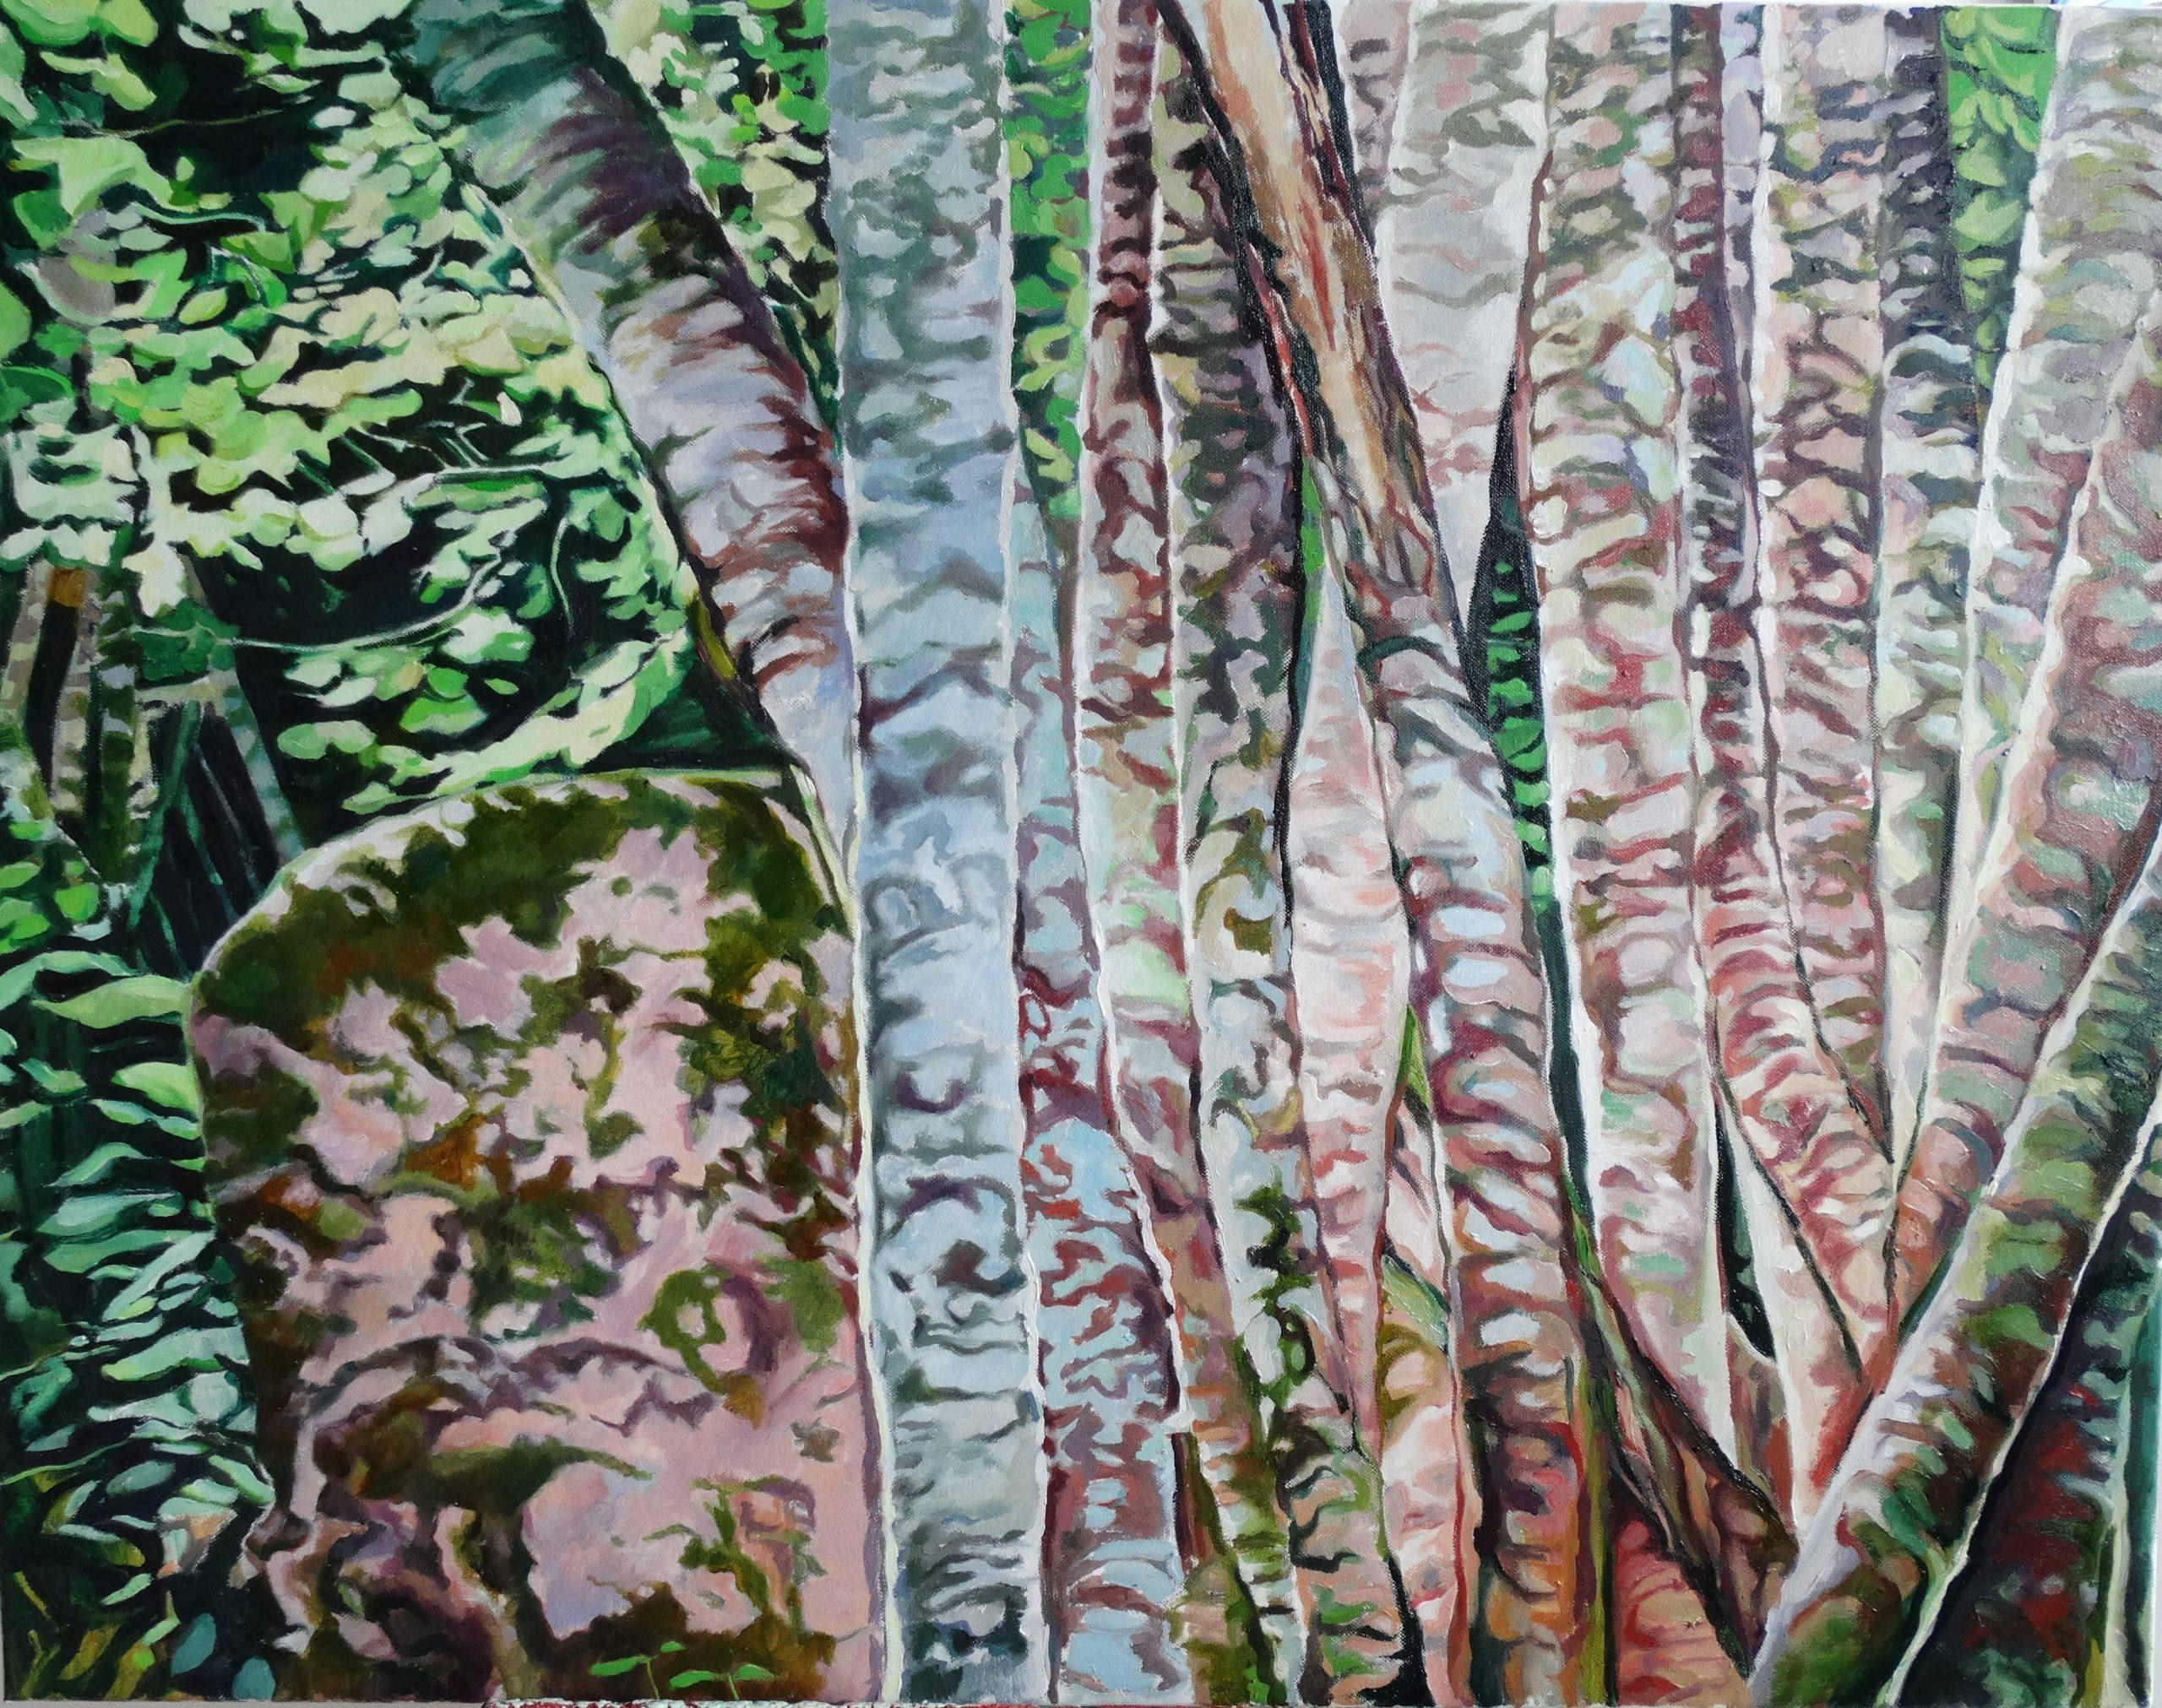 Kunst: Forrest van kunstenaar Sanneke S.I. Griepink